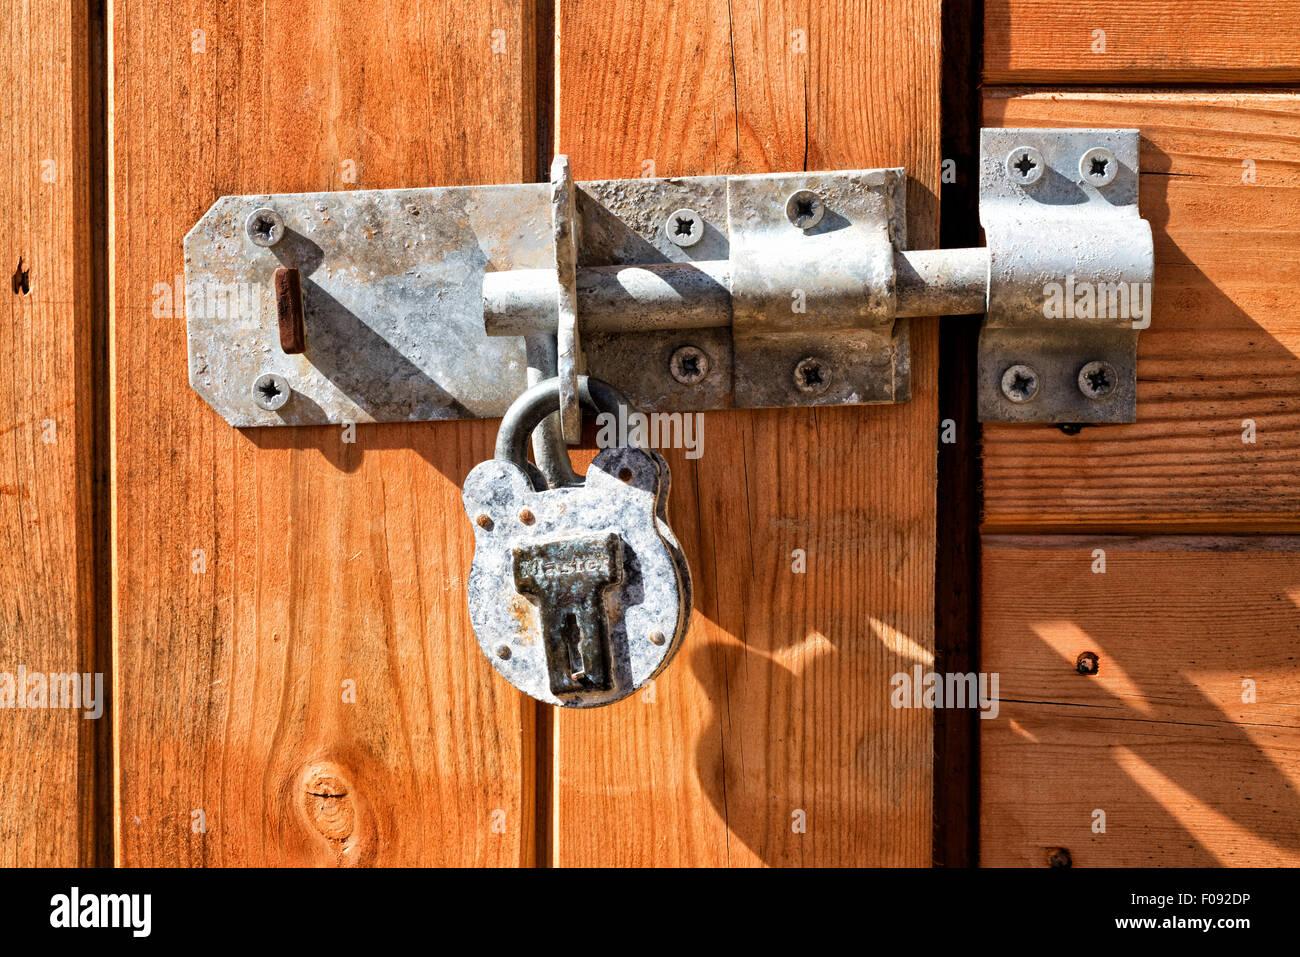 shed door padlock stockfotos shed door padlock bilder. Black Bedroom Furniture Sets. Home Design Ideas